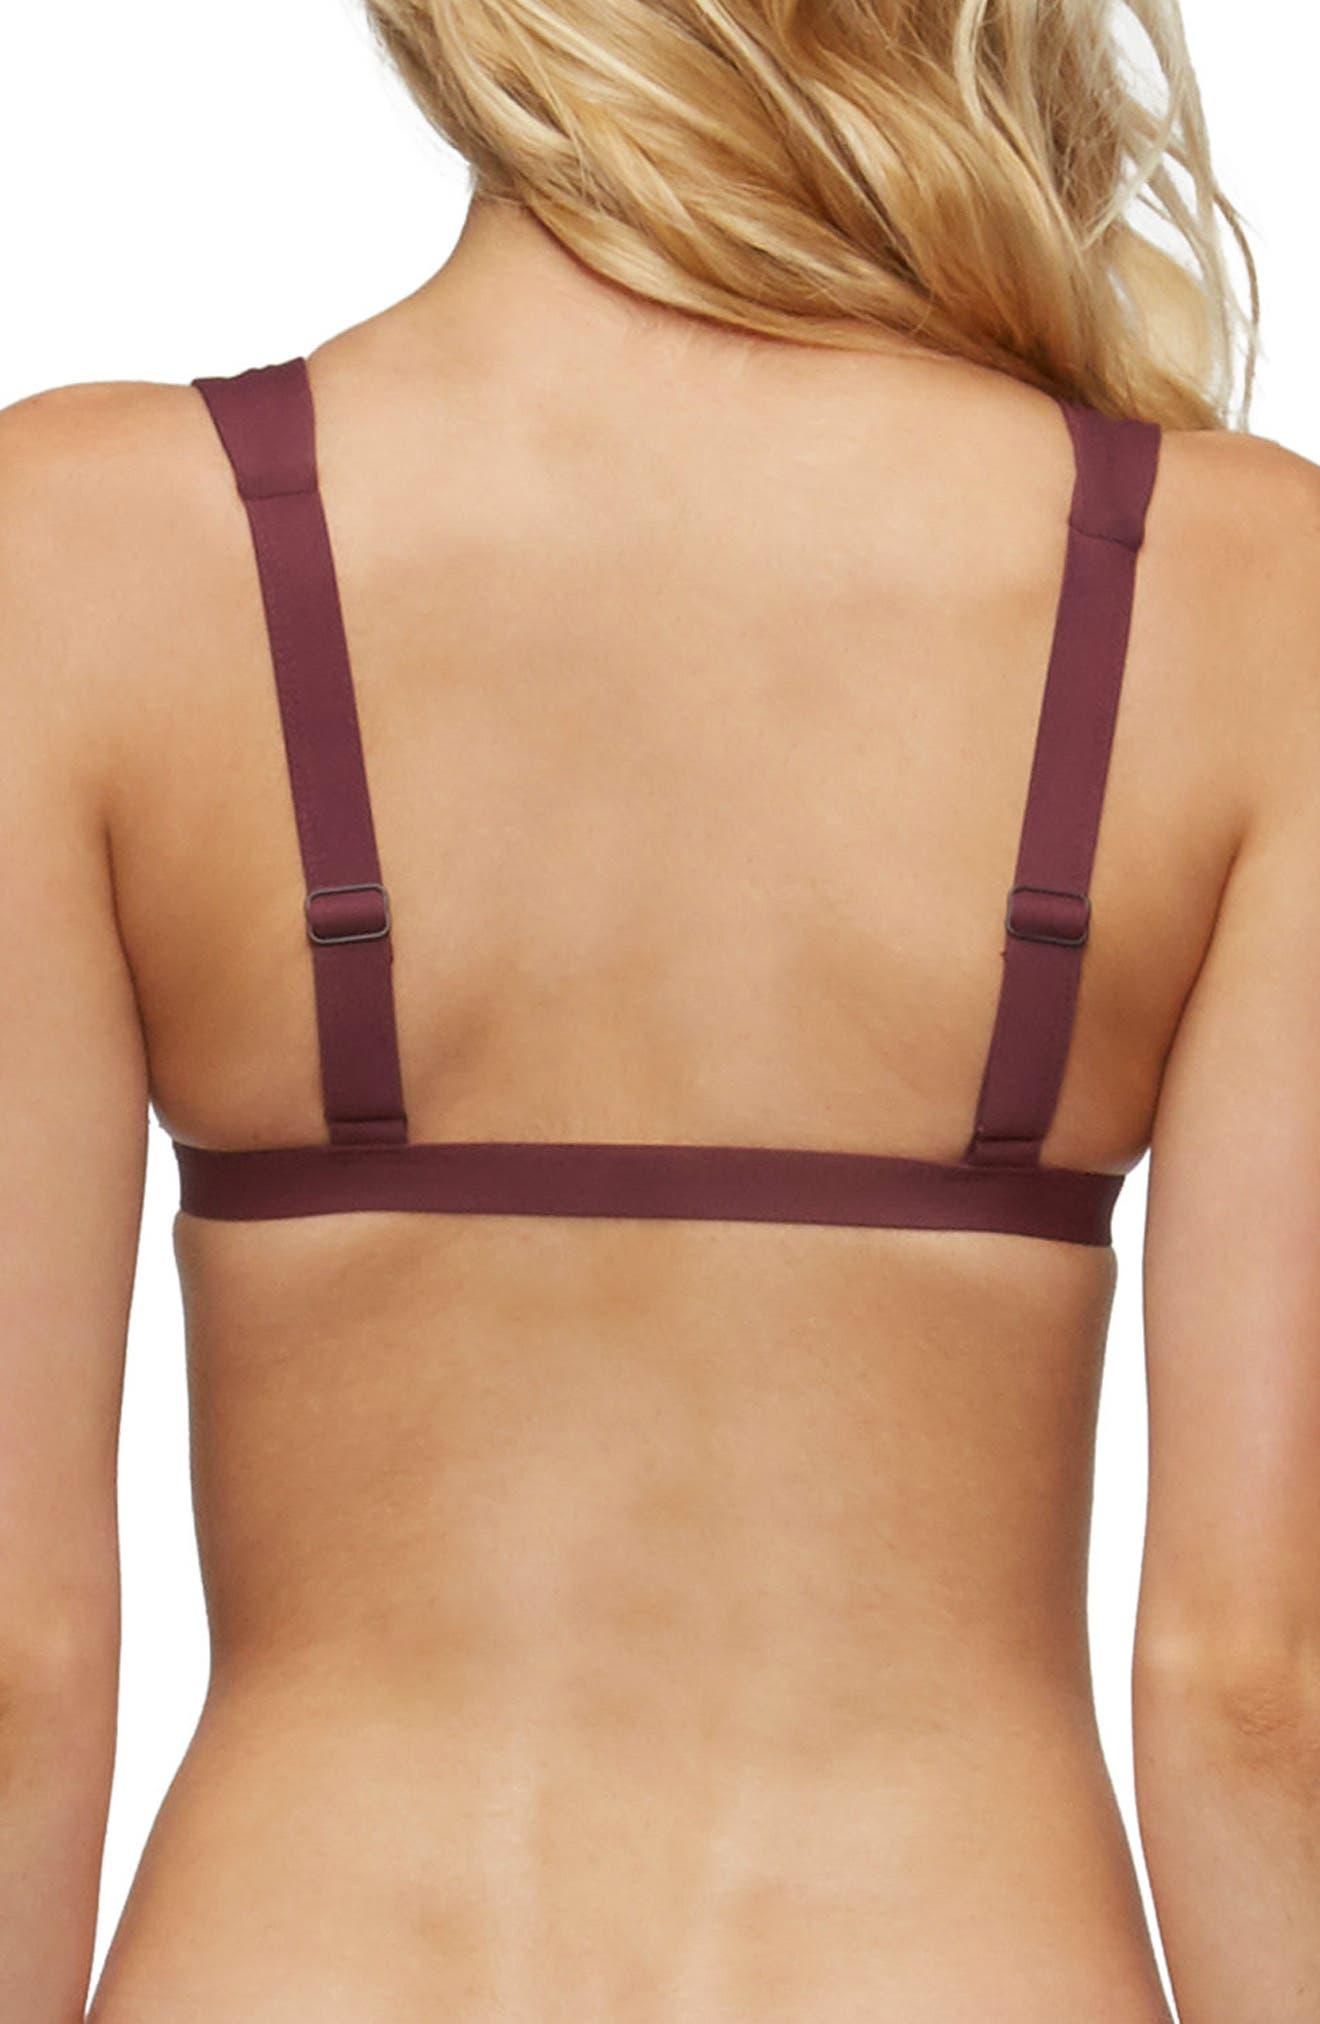 Caroline Bikini Top,                             Alternate thumbnail 2, color,                             Merlot